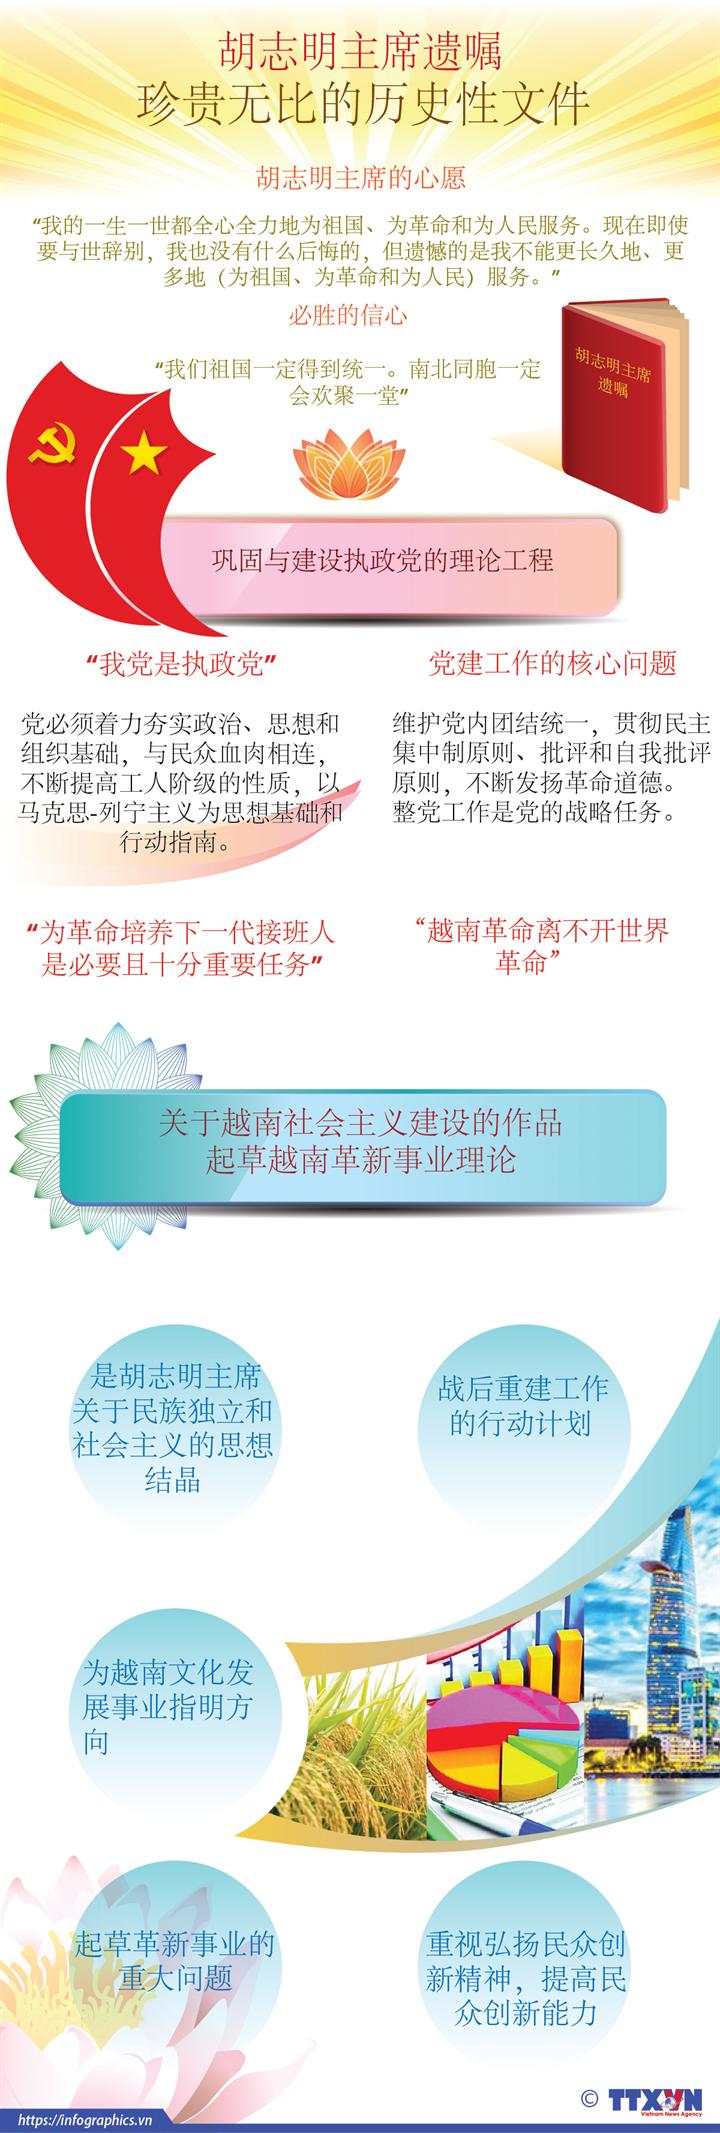 胡志明主席遗嘱——珍贵无比的历史性文件